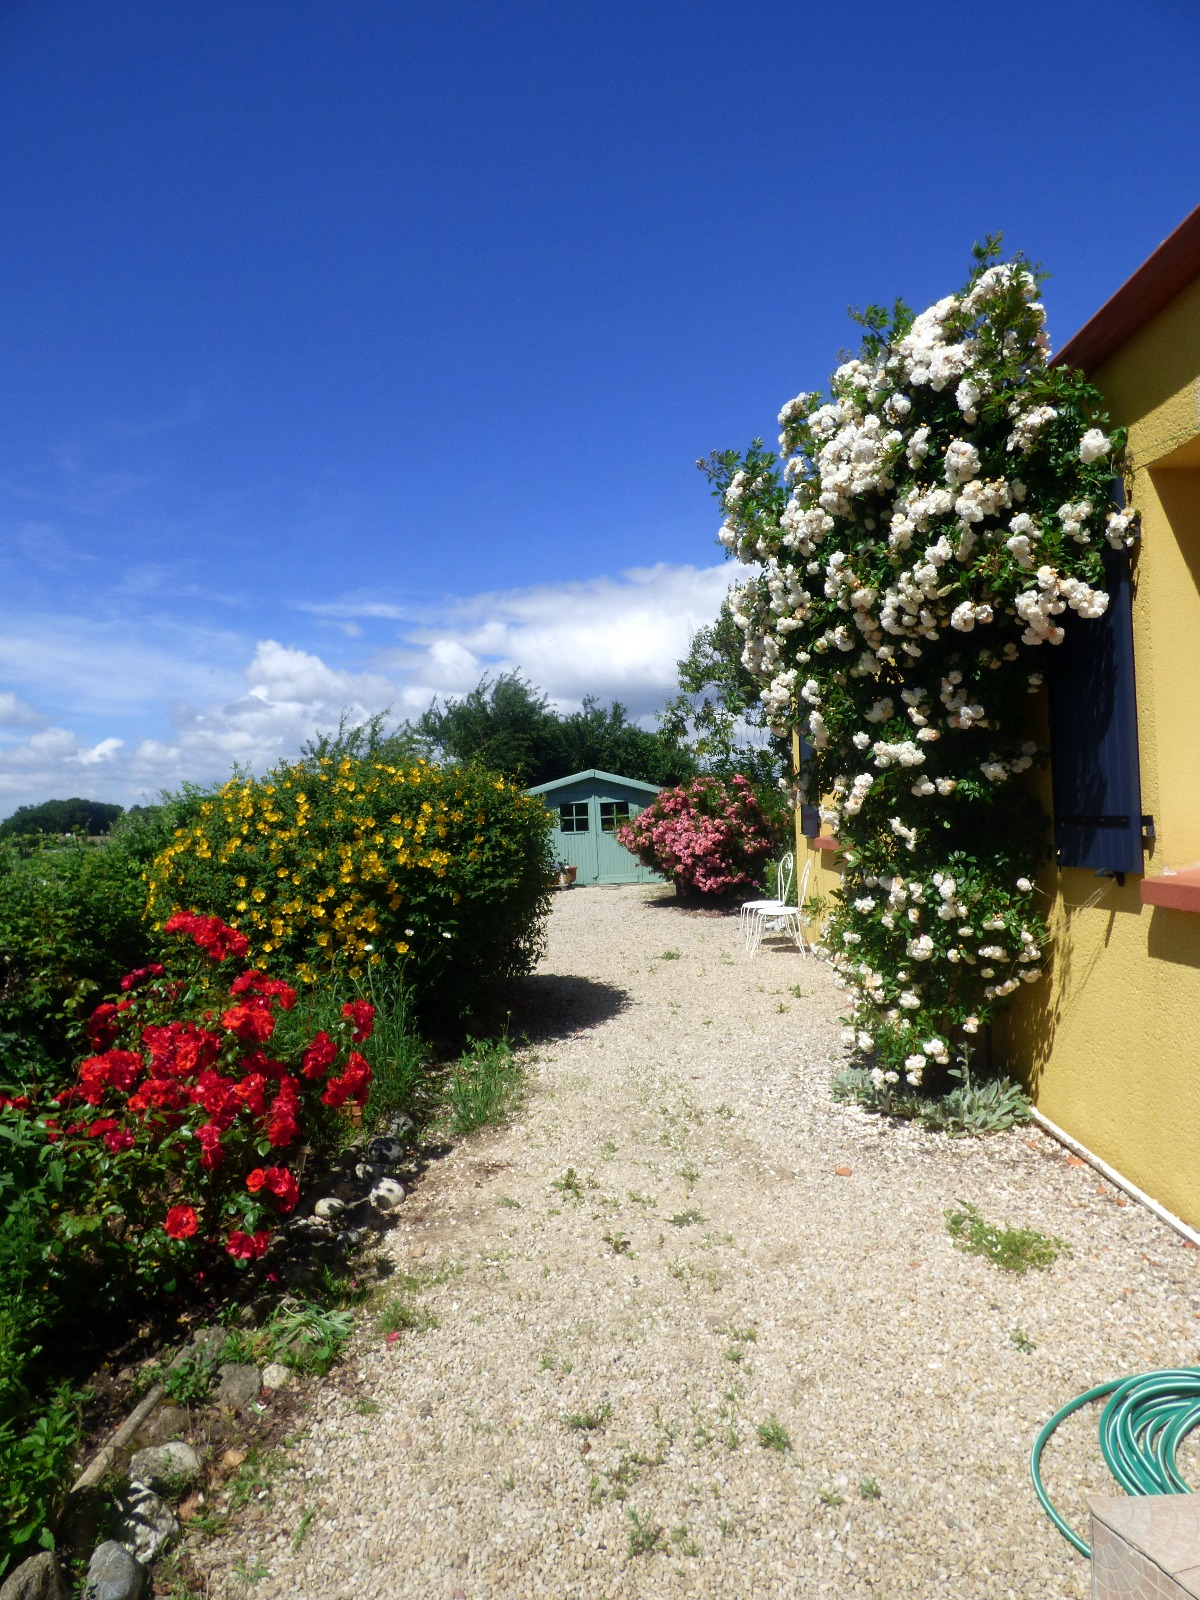 Givrand Agréable maison nichée au coeur de son jardin fleuri